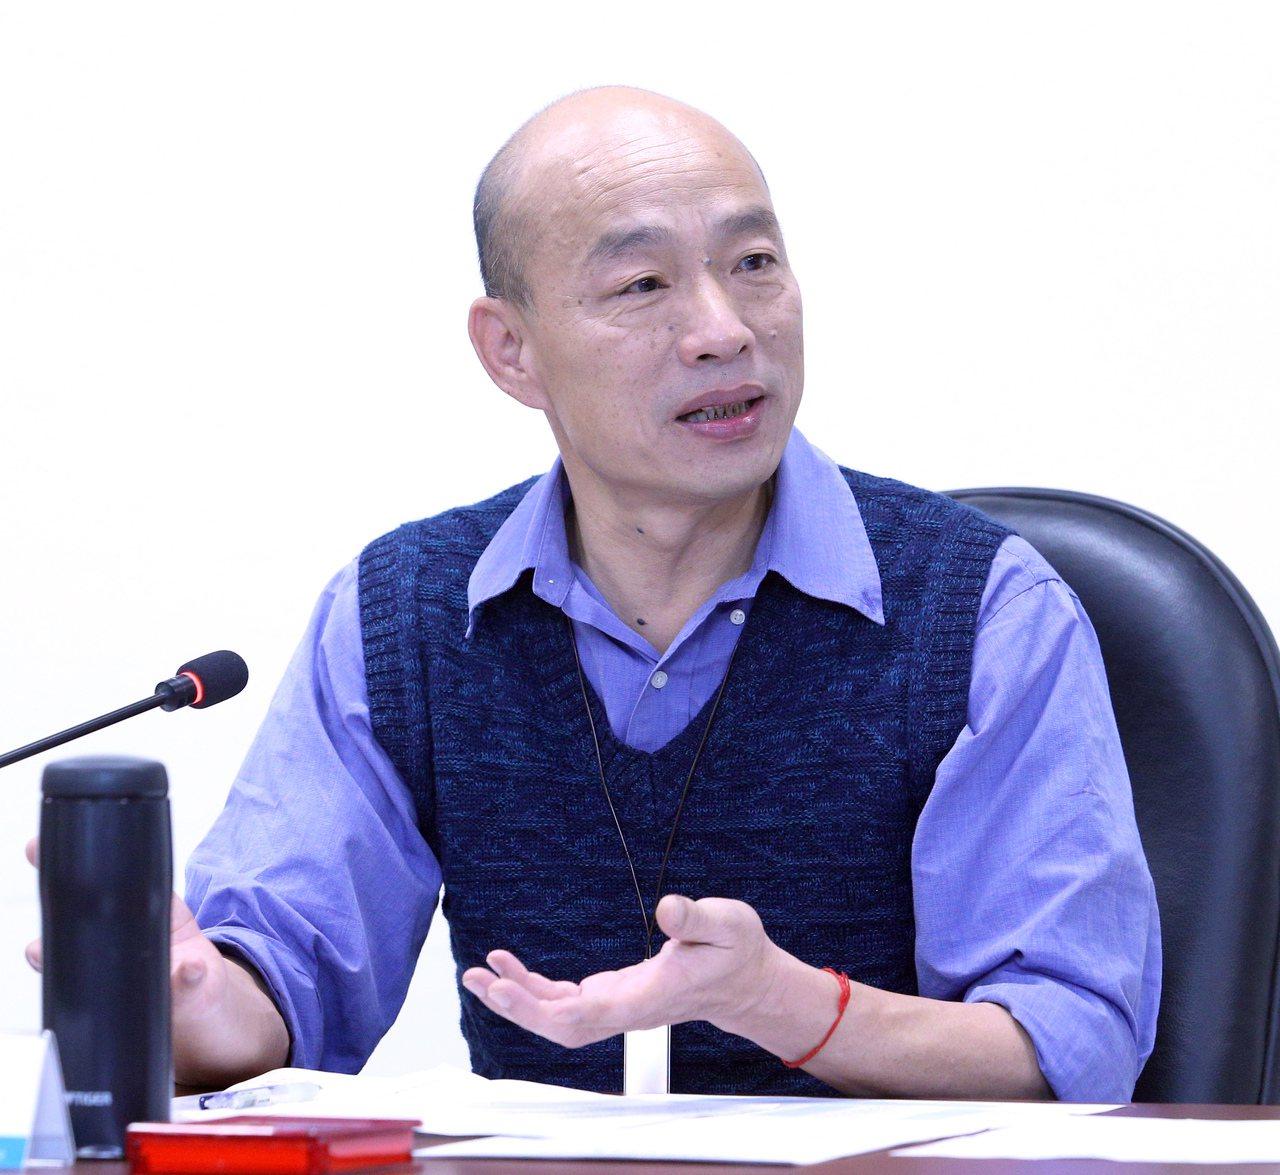 高雄市長韓國瑜今晚接受TVBS「少康政情室」專訪表示,假如郭台銘選擇參選,那藍軍...